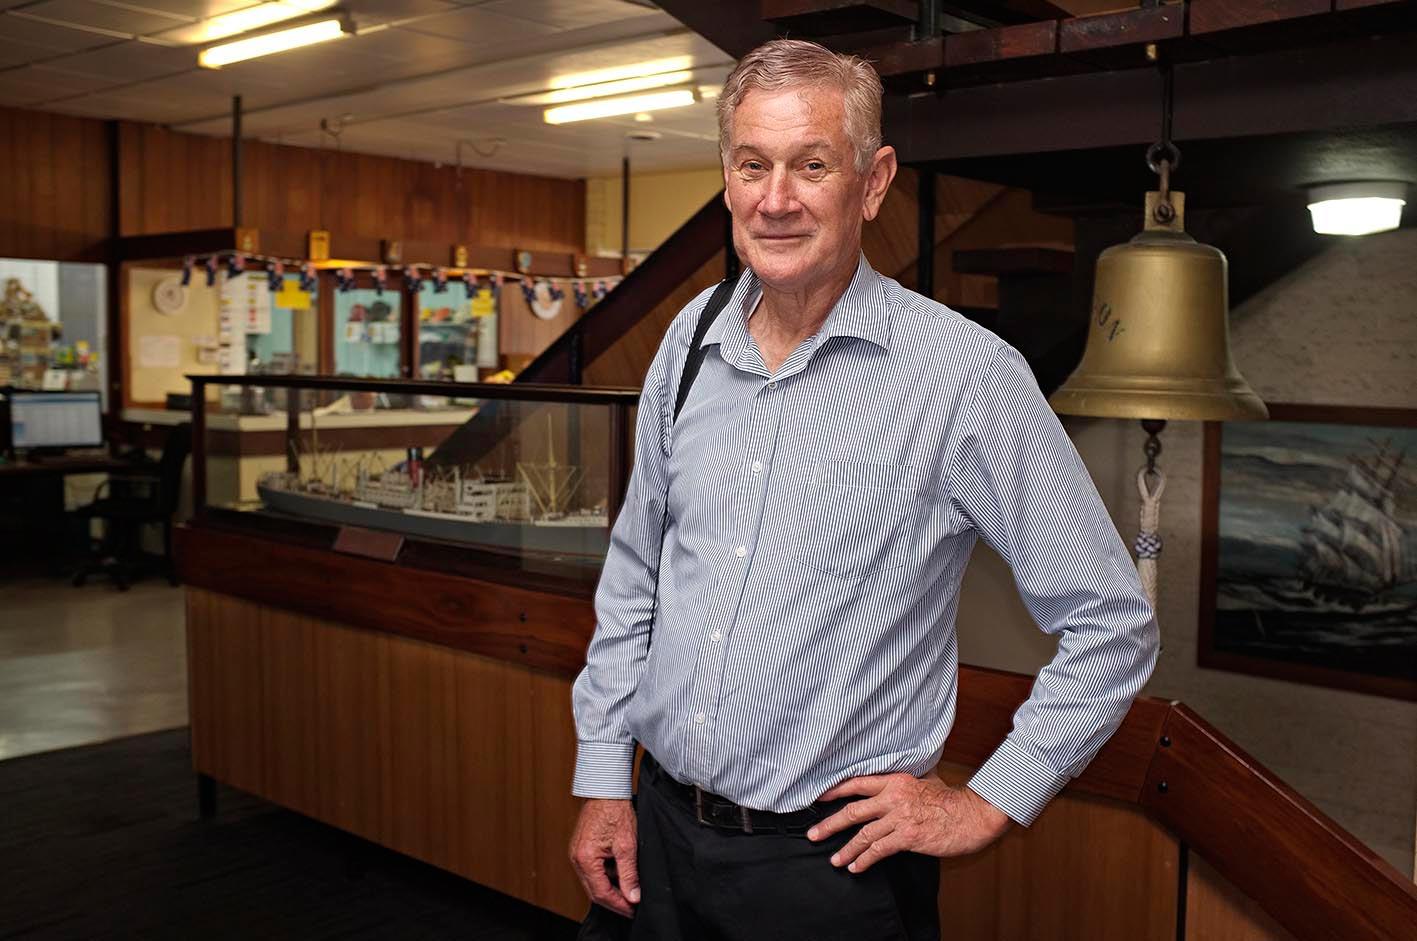 Dennis Claughton